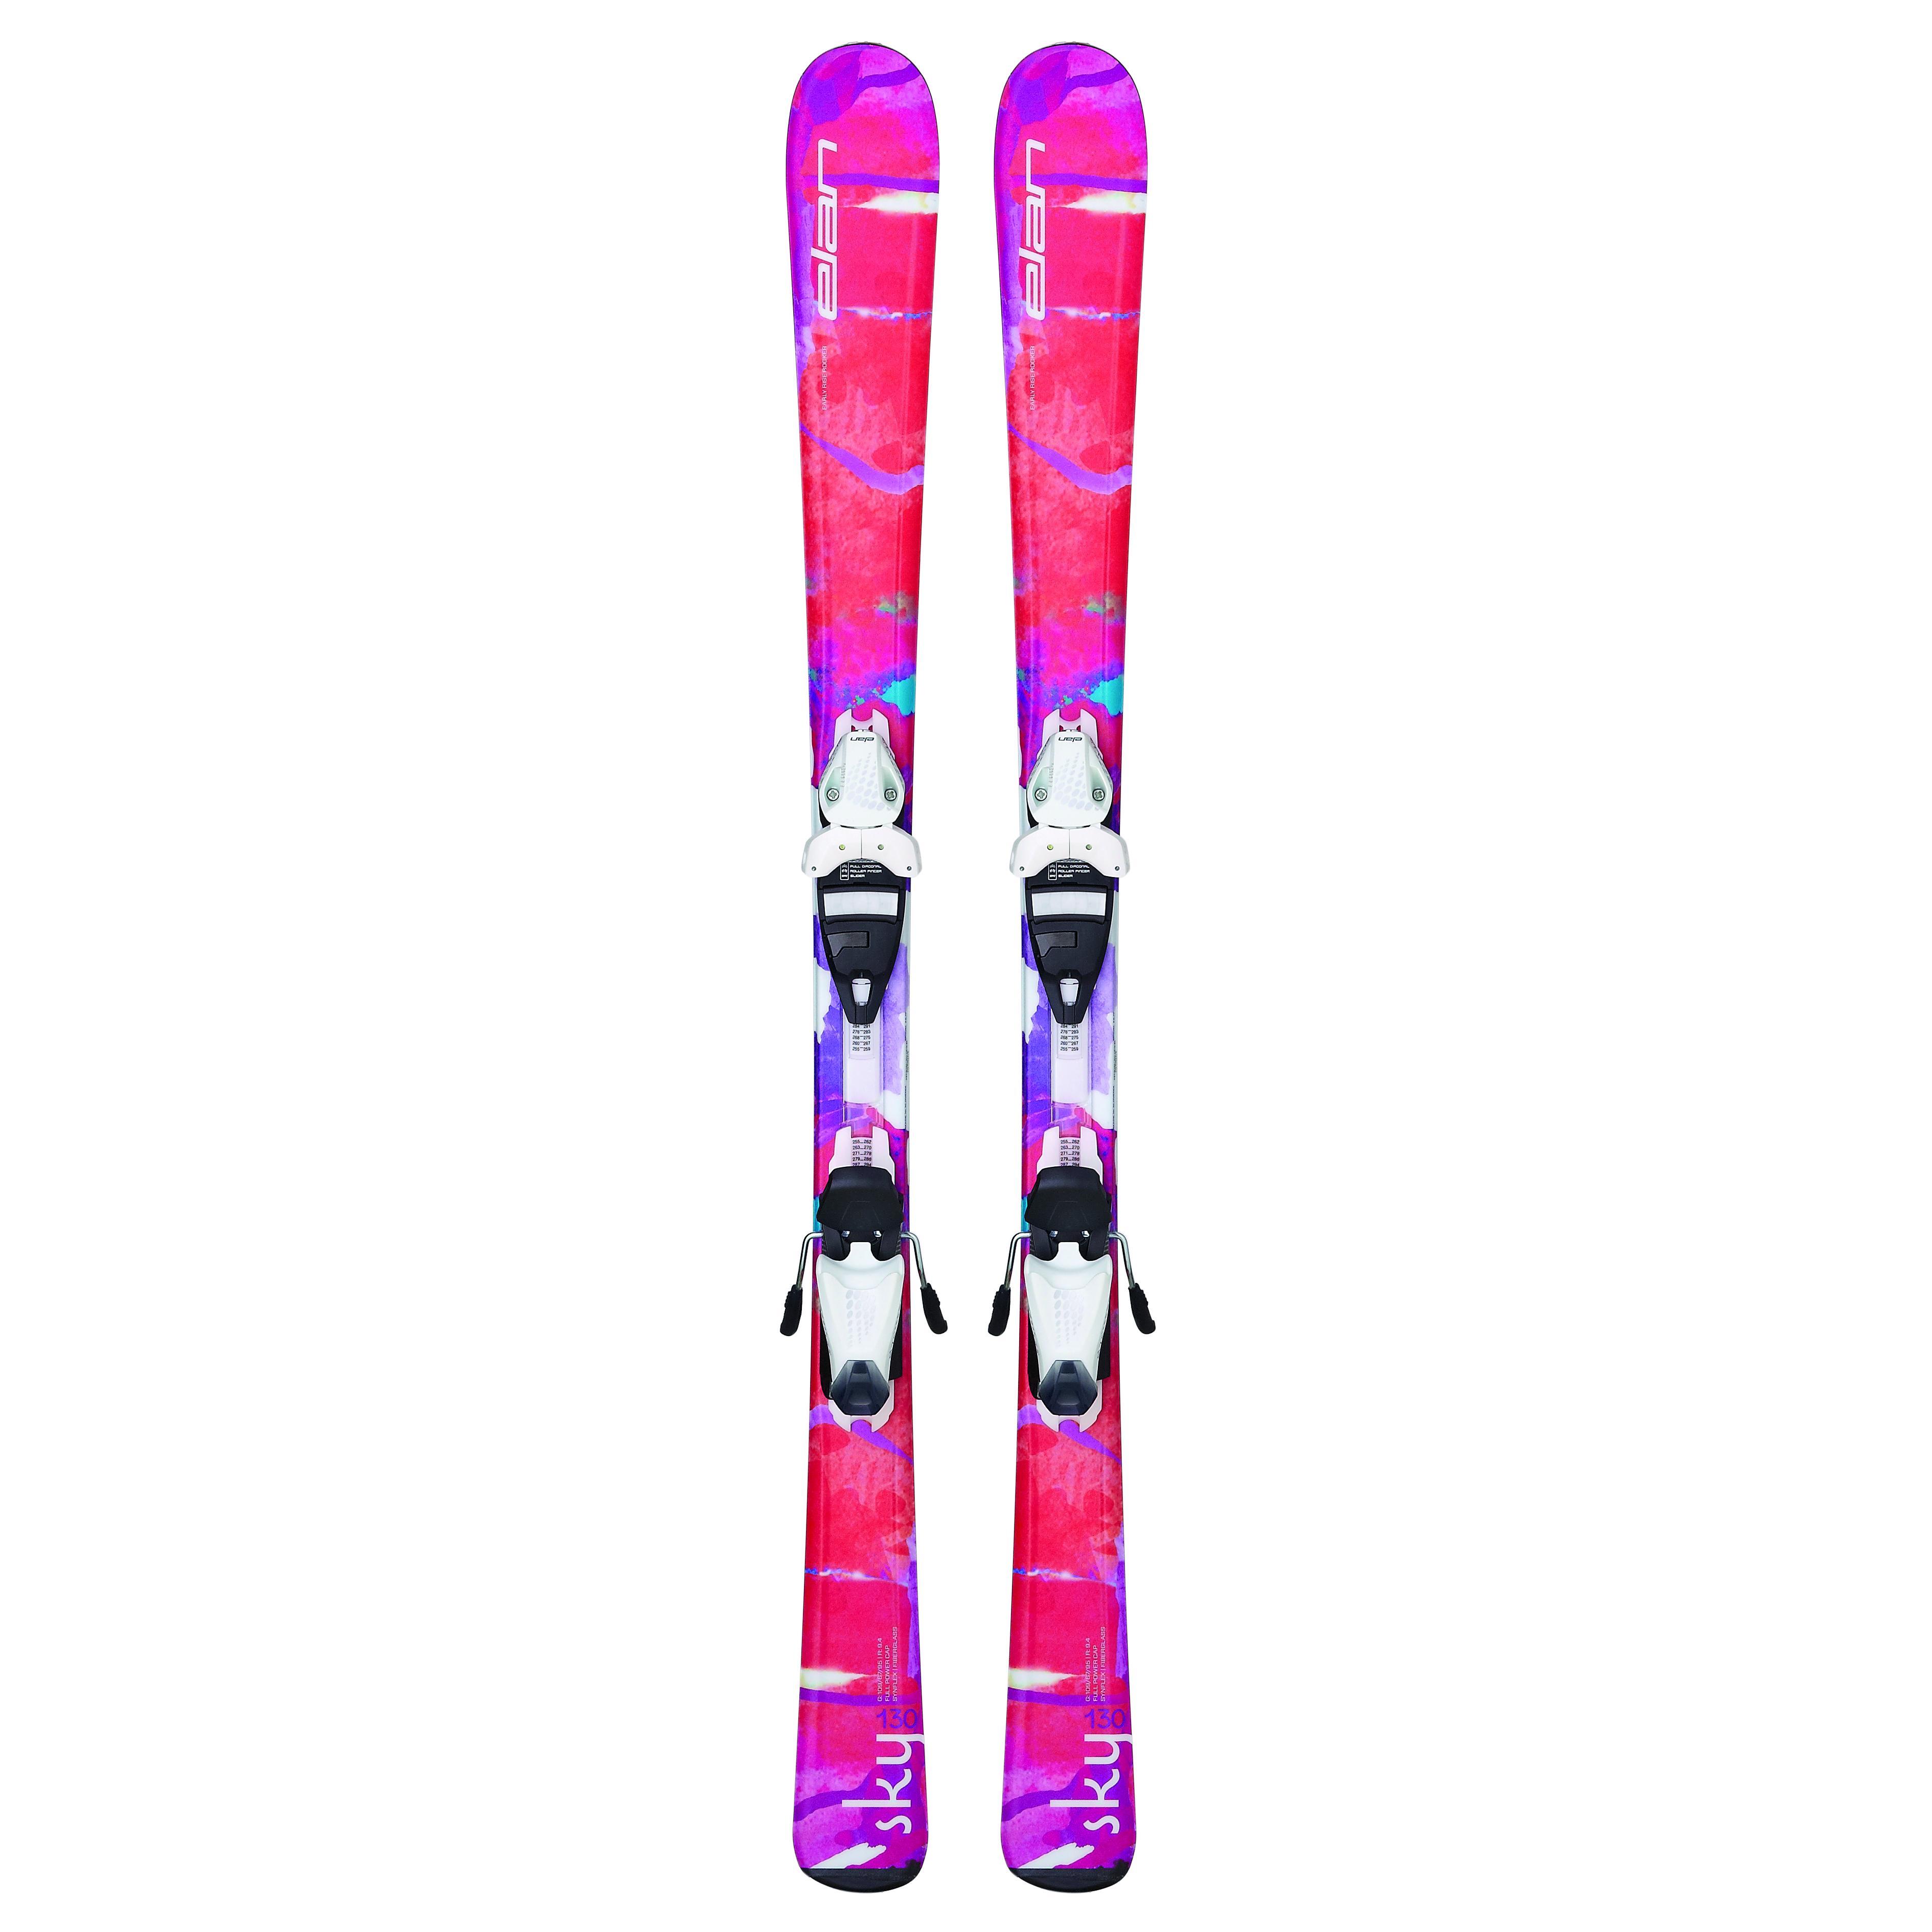 Горные лыжи с креплениями Elan 2015-16 SKY QT EL 4.5 (130-150) 1195957  - купить со скидкой